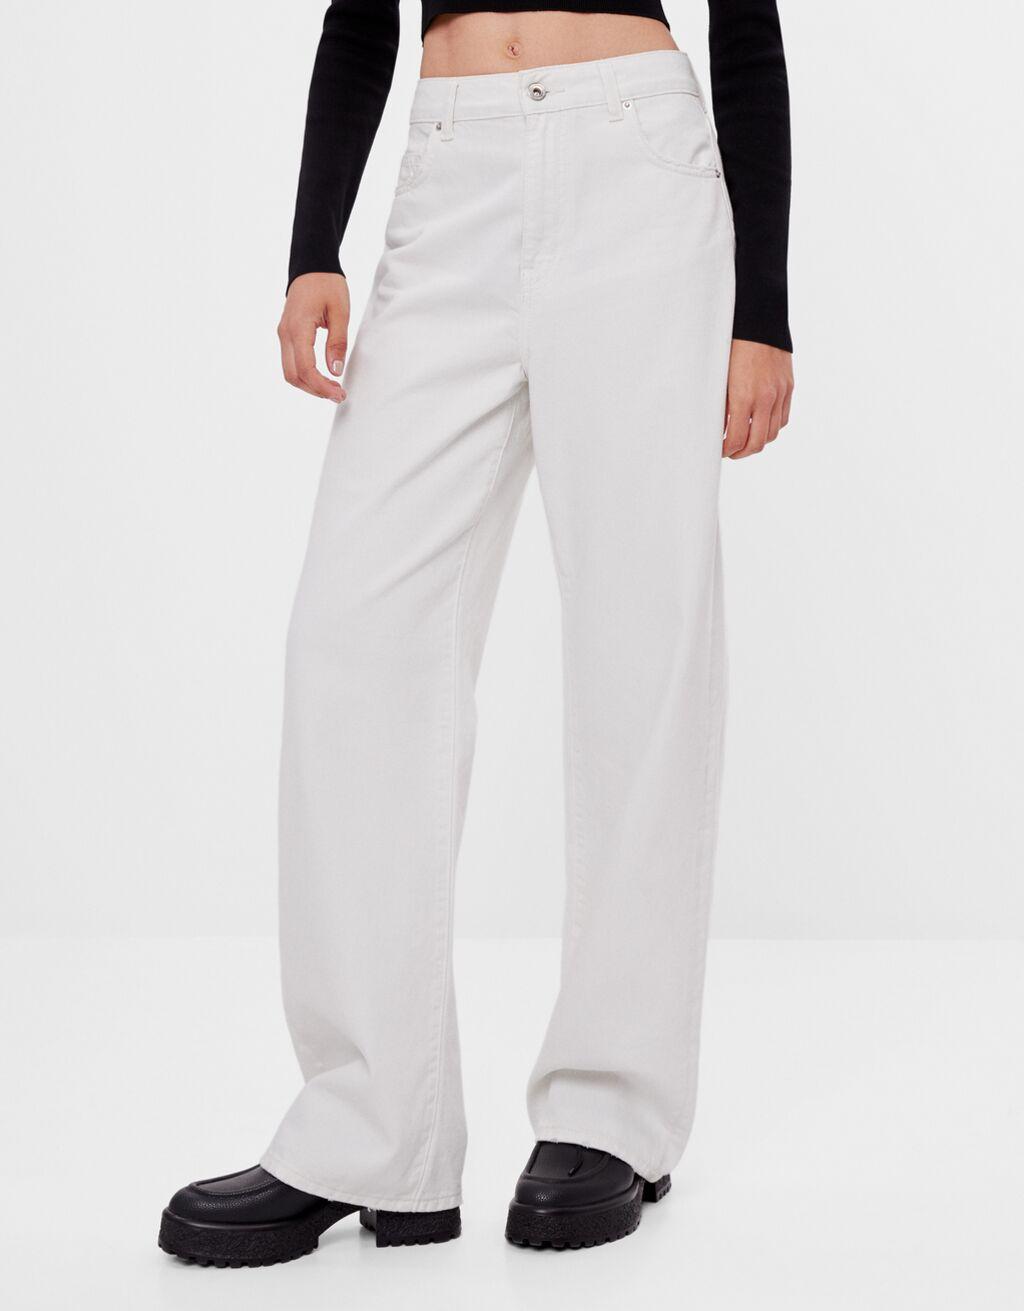 Wide-leg jeans